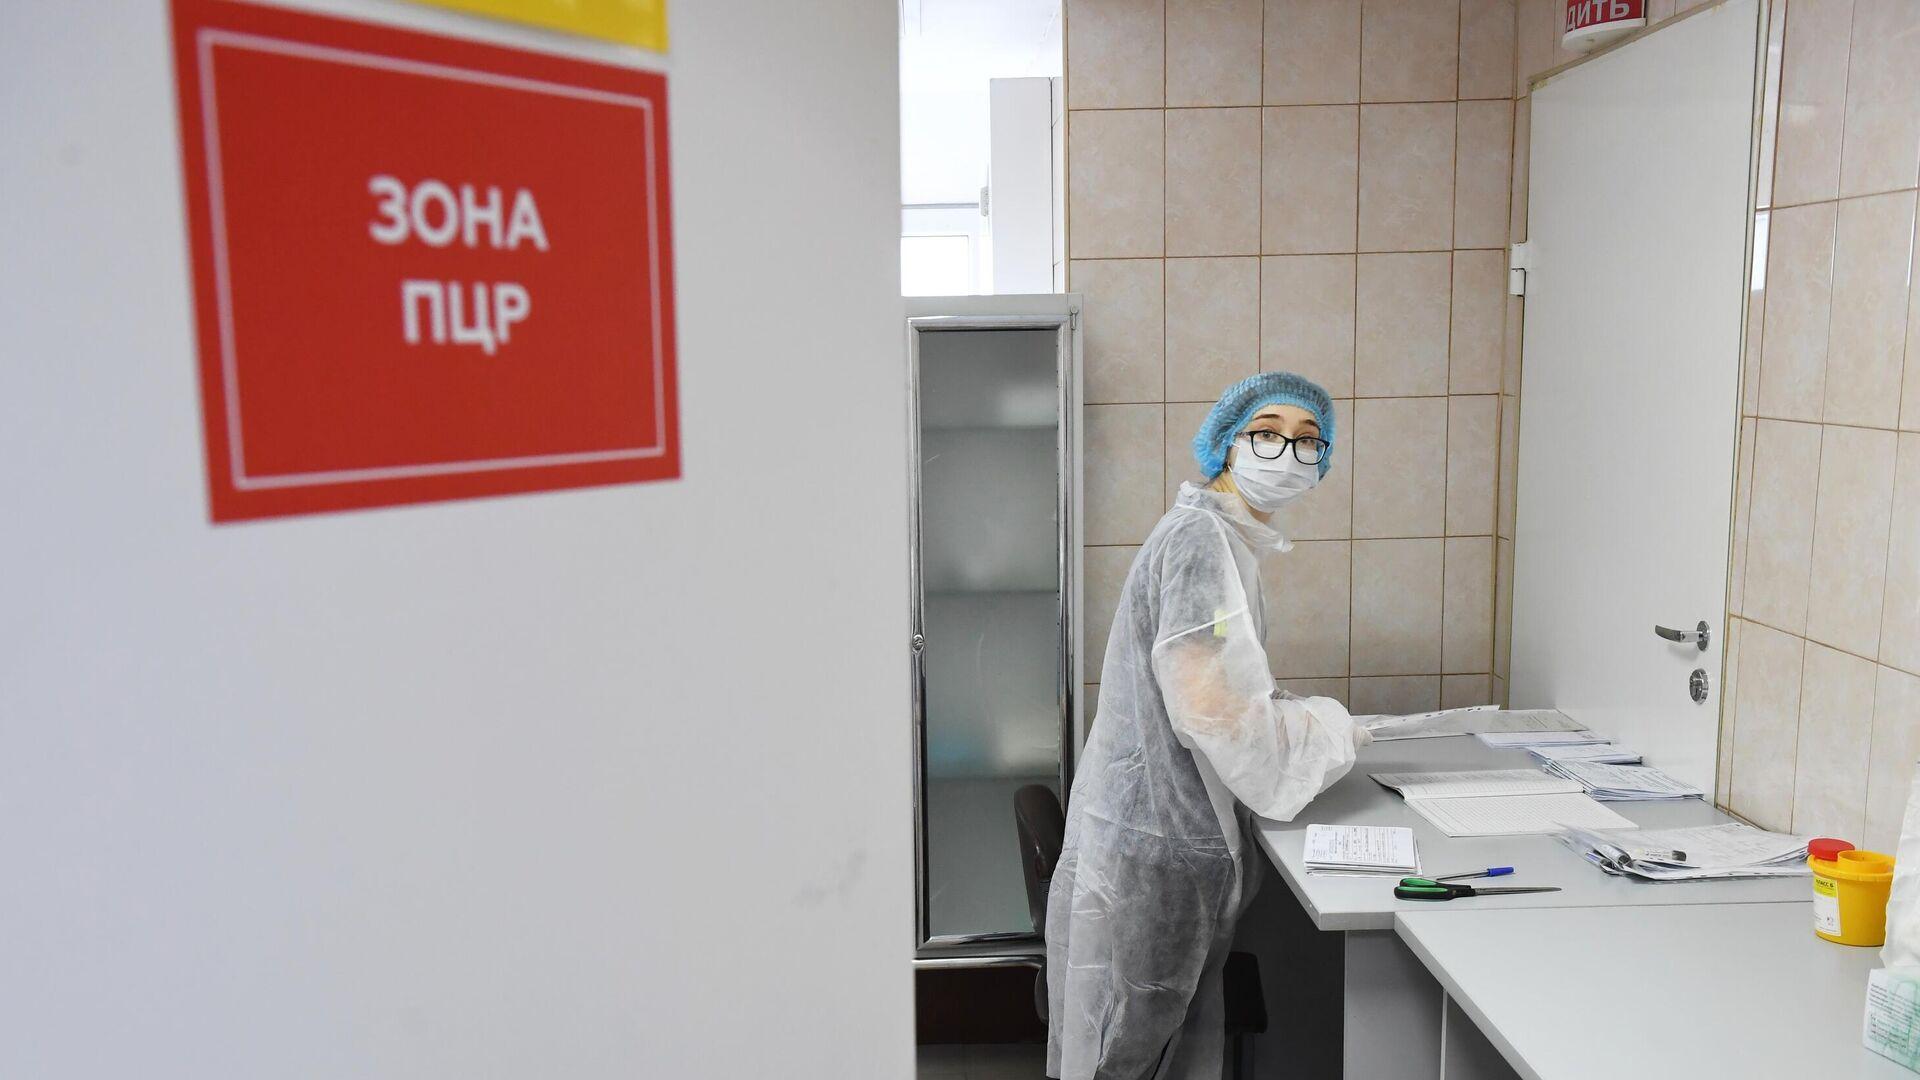 В Анапе закрылся отель, хозяйка которого обматерила клиенток